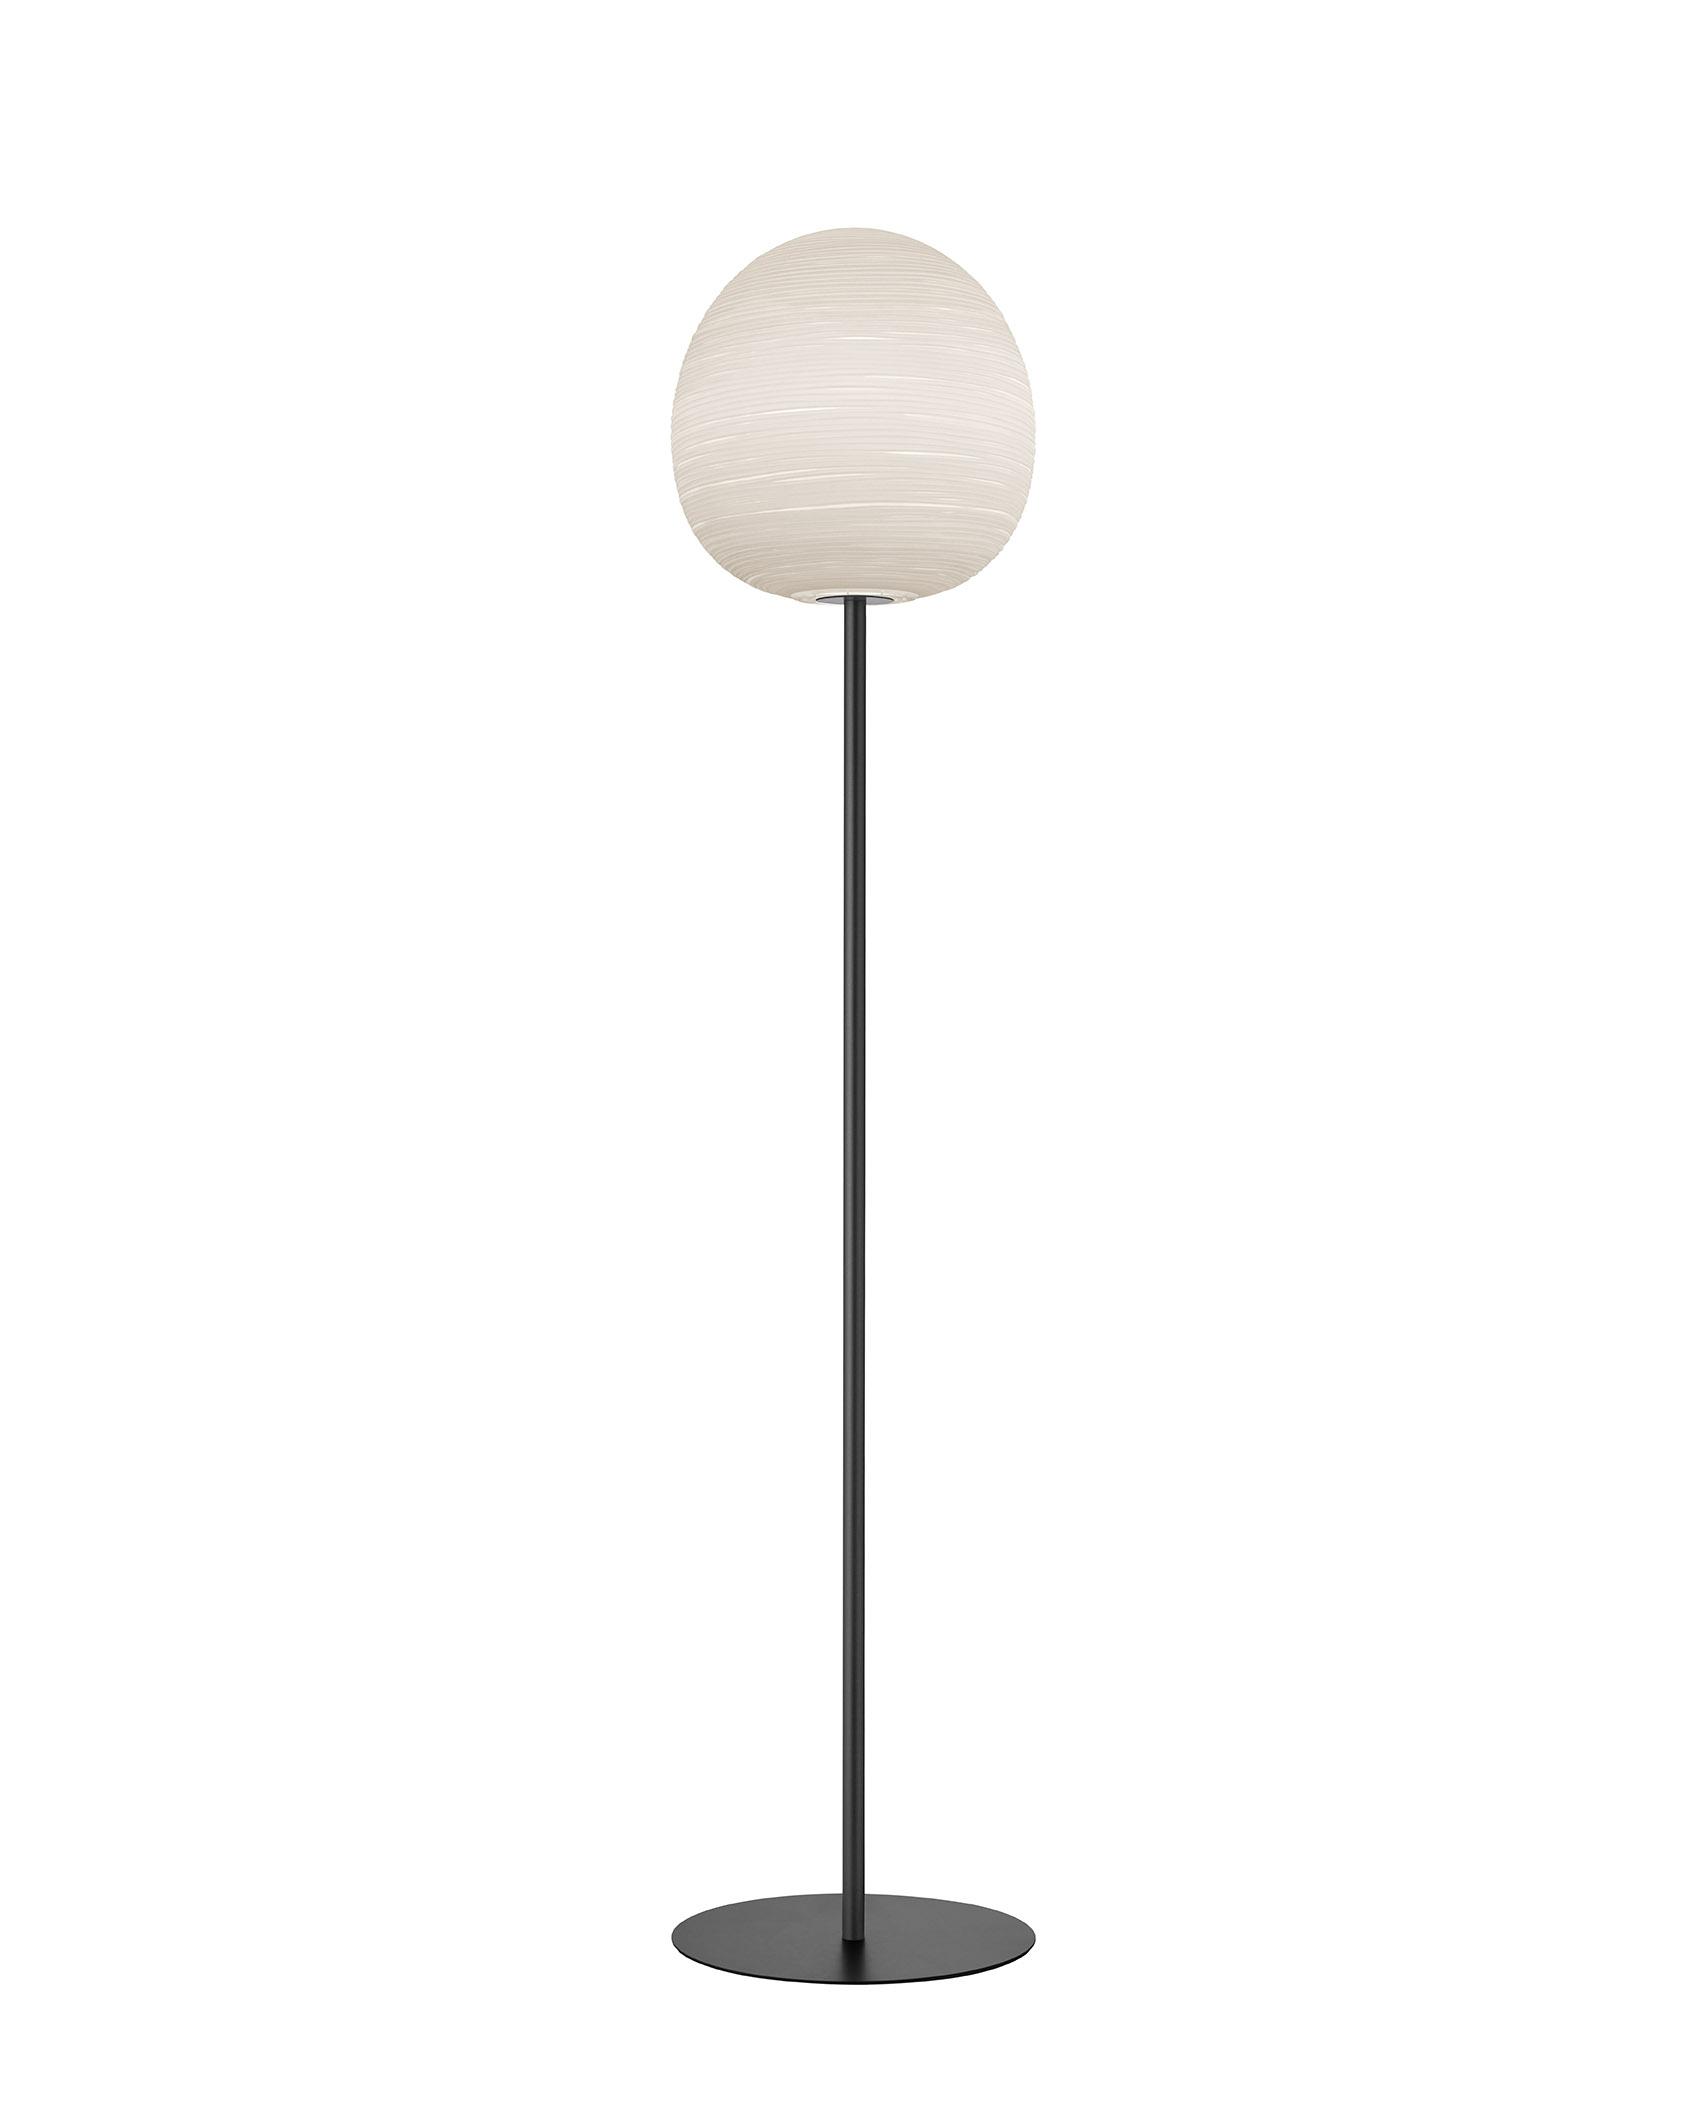 Lampada da terra Rituals XL Mix&Match in vetro soffiato satinato inciso e metallo verniciato color antracite realizzata da Ludovica+Roberto Palomba per Foscarini